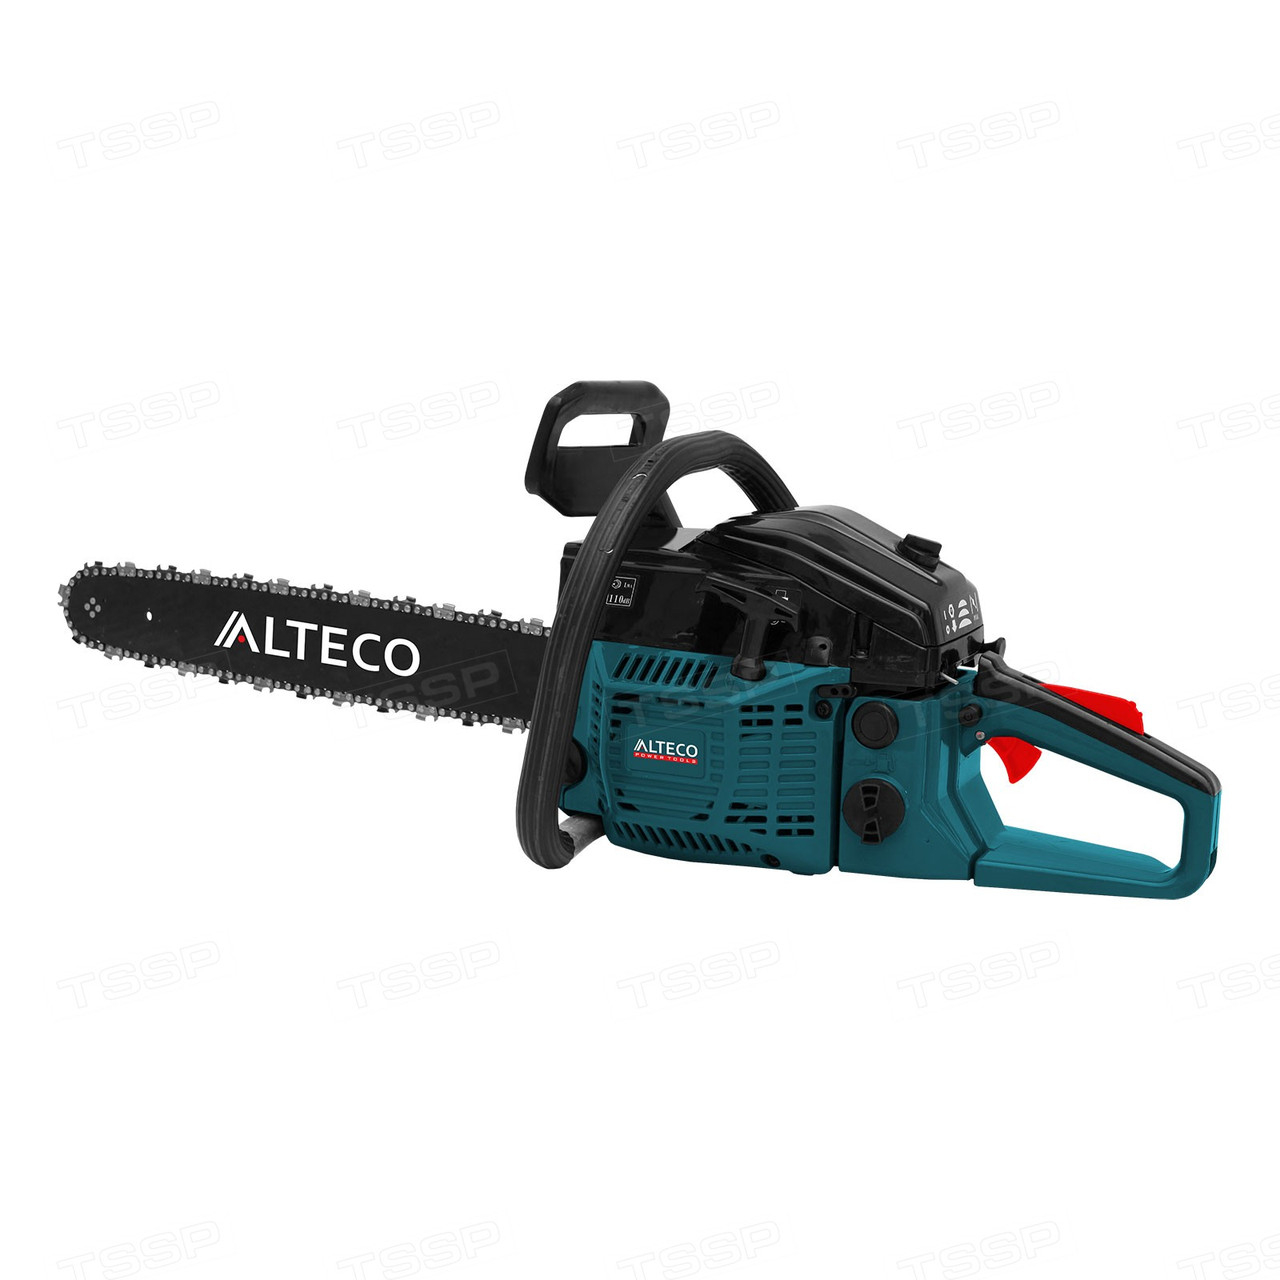 Бензопила GCS 2307 Alteco promo